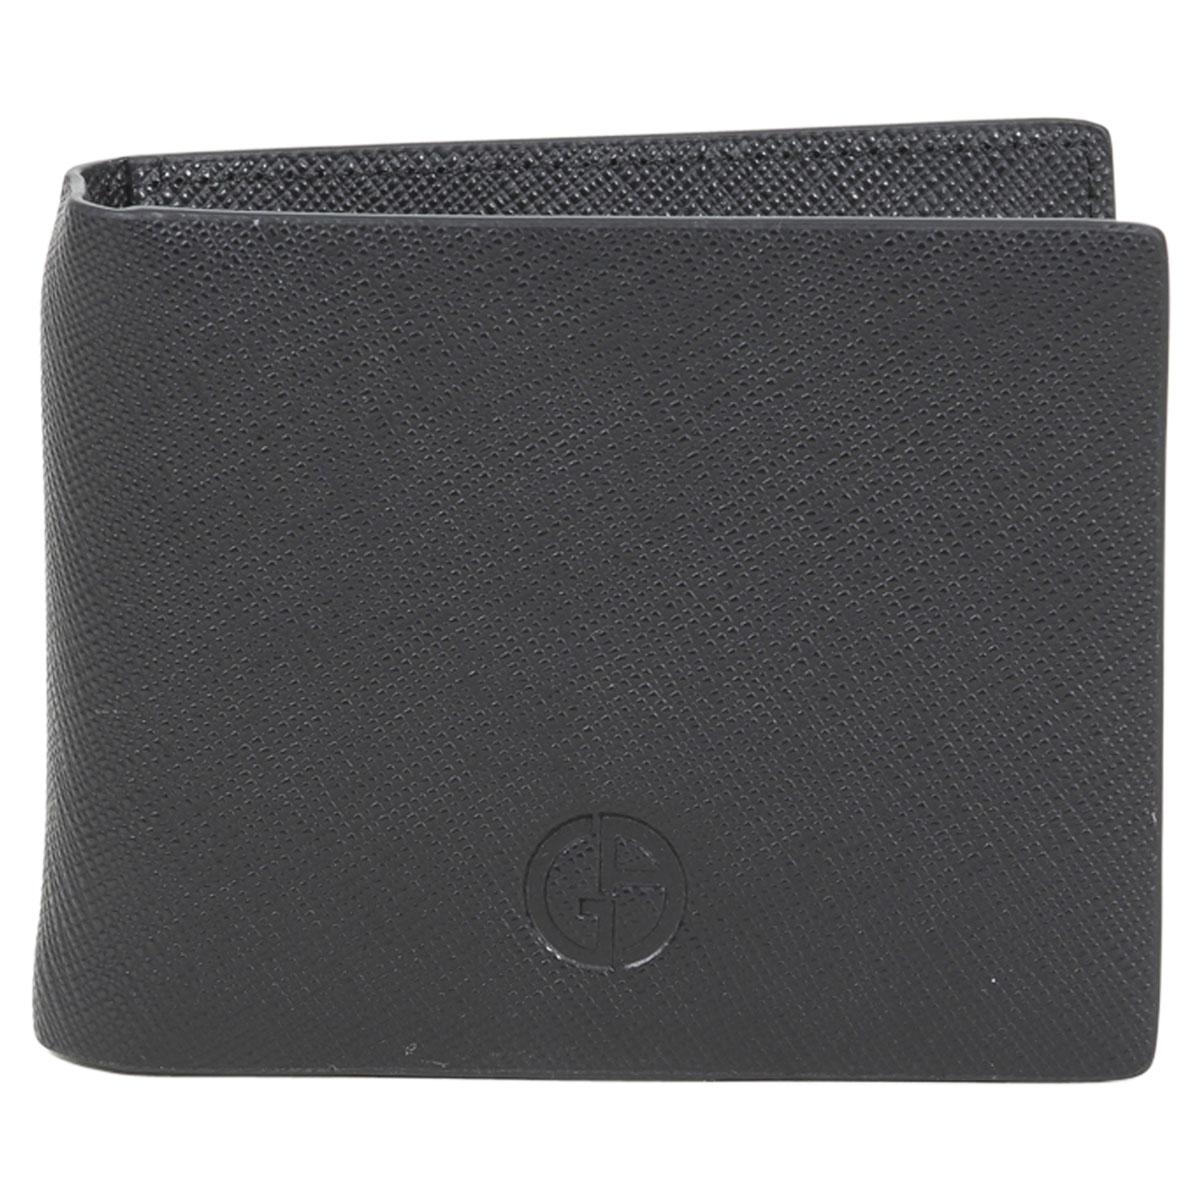 Image of Giorgio Armani Men's Genuine Saffiano Leather Bi Fold Money Clip Wallet - Black